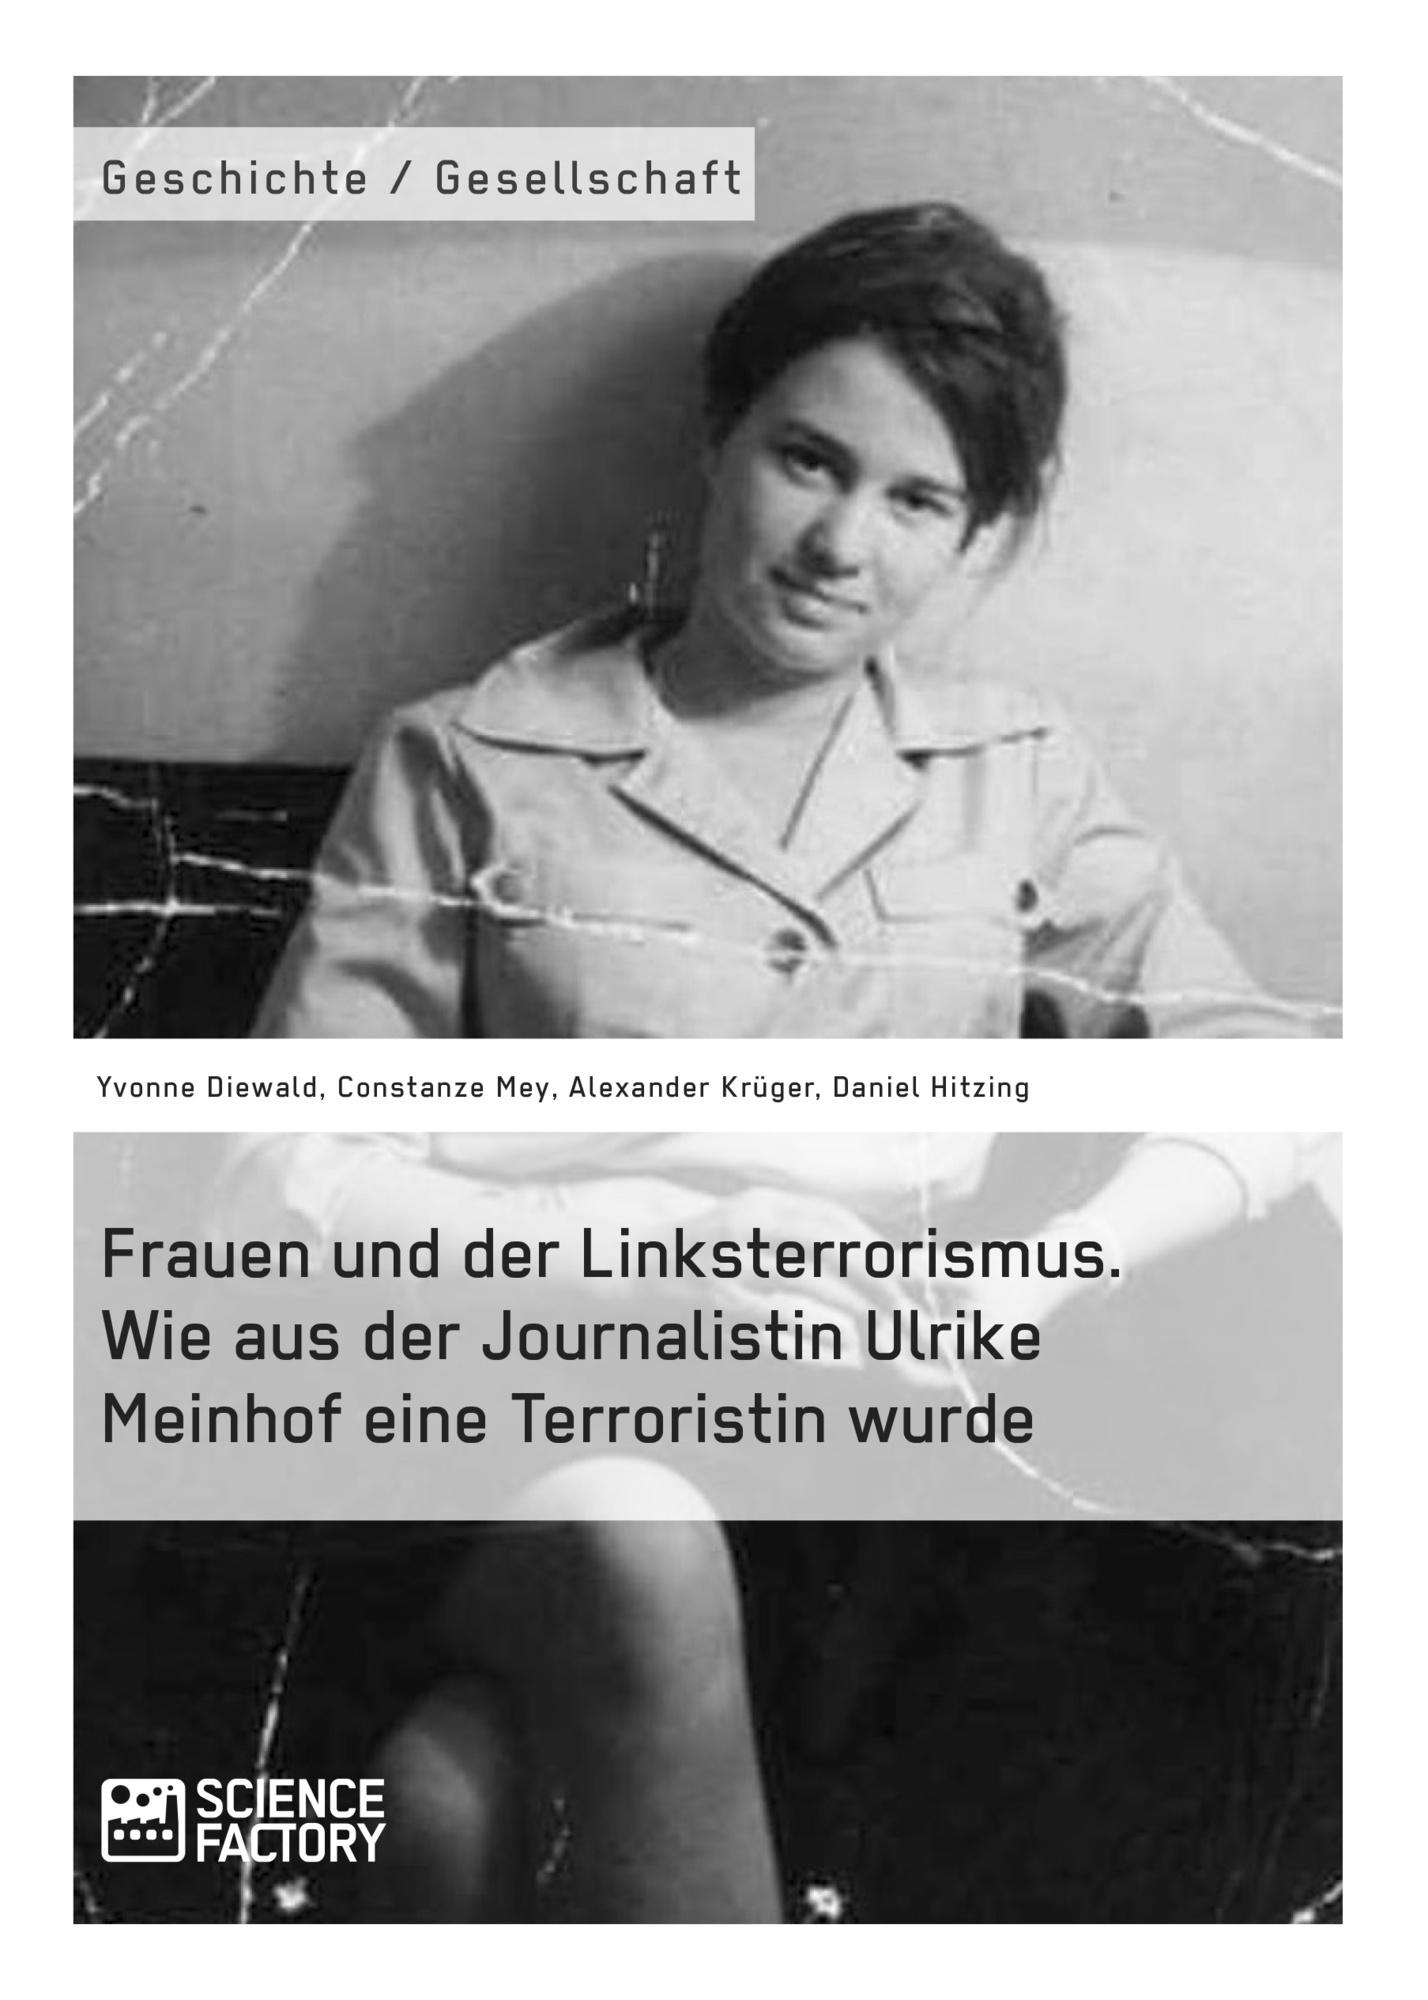 Titel: Frauen und der Linksterrorismus. Wie aus der Journalistin Ulrike Meinhof eine Terroristin wurde